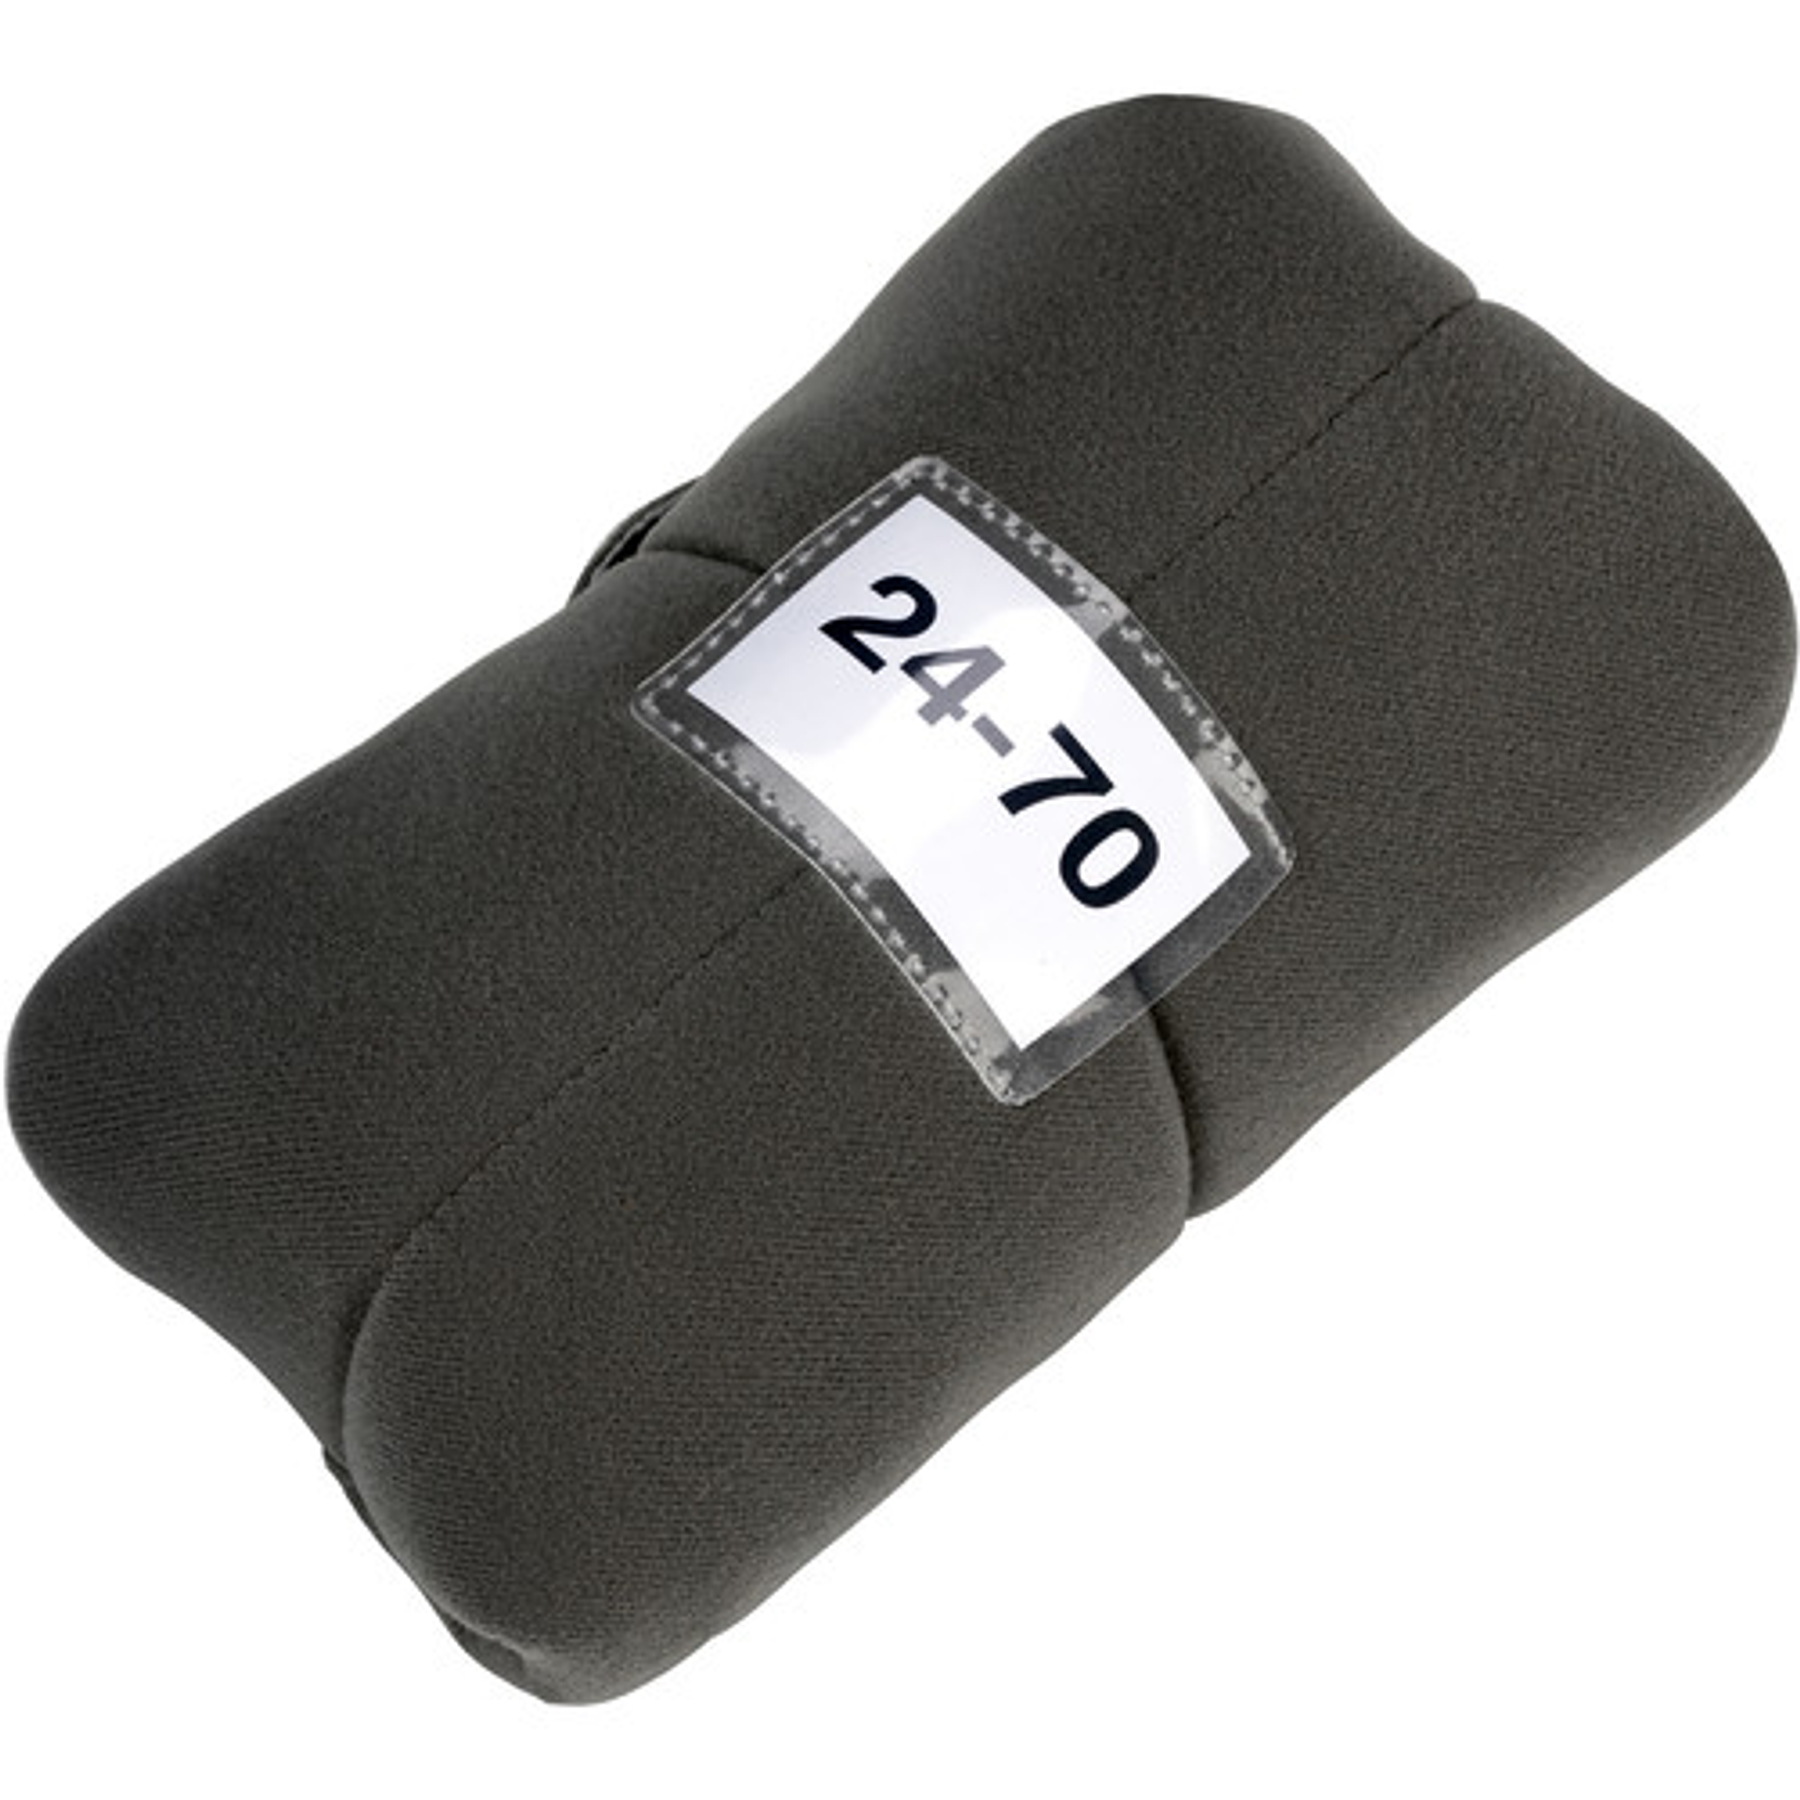 Tenba Tools 12_ Wrap – Envoltura Protectora Multiuso (30cm, Black/636-321)